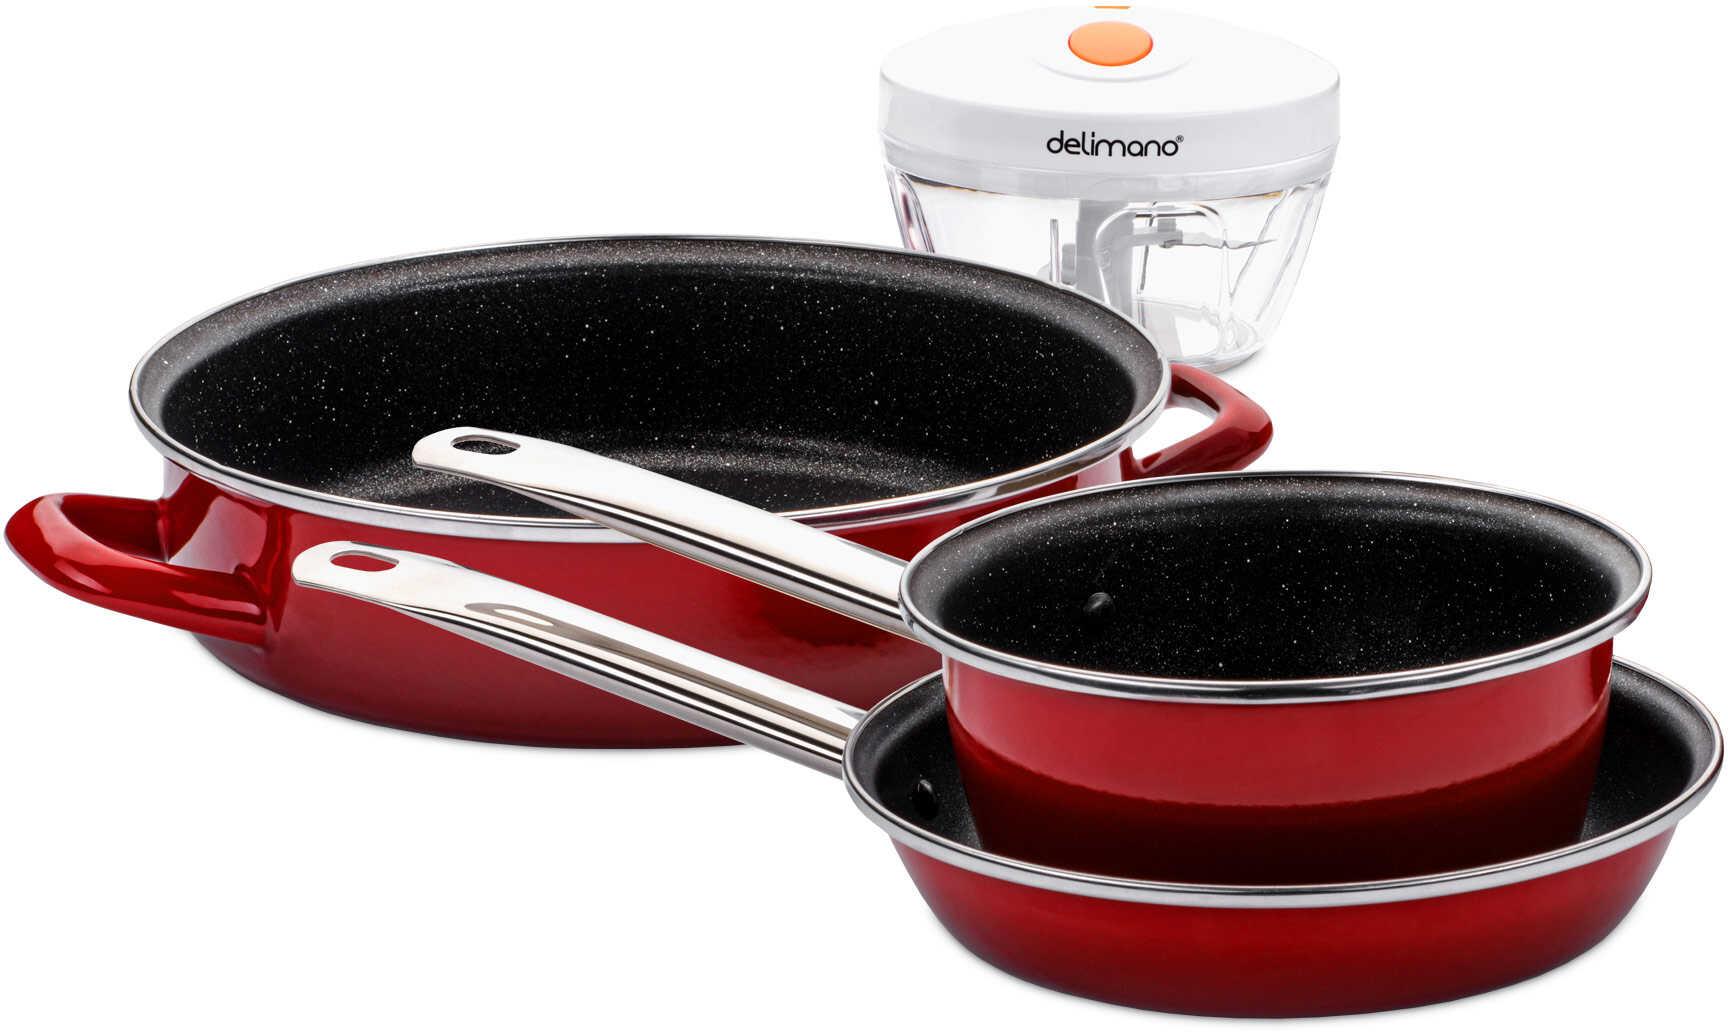 Delimano Zestaw naczyń kuchennych FiveStar Legend + Siekacz Brava Chop Express